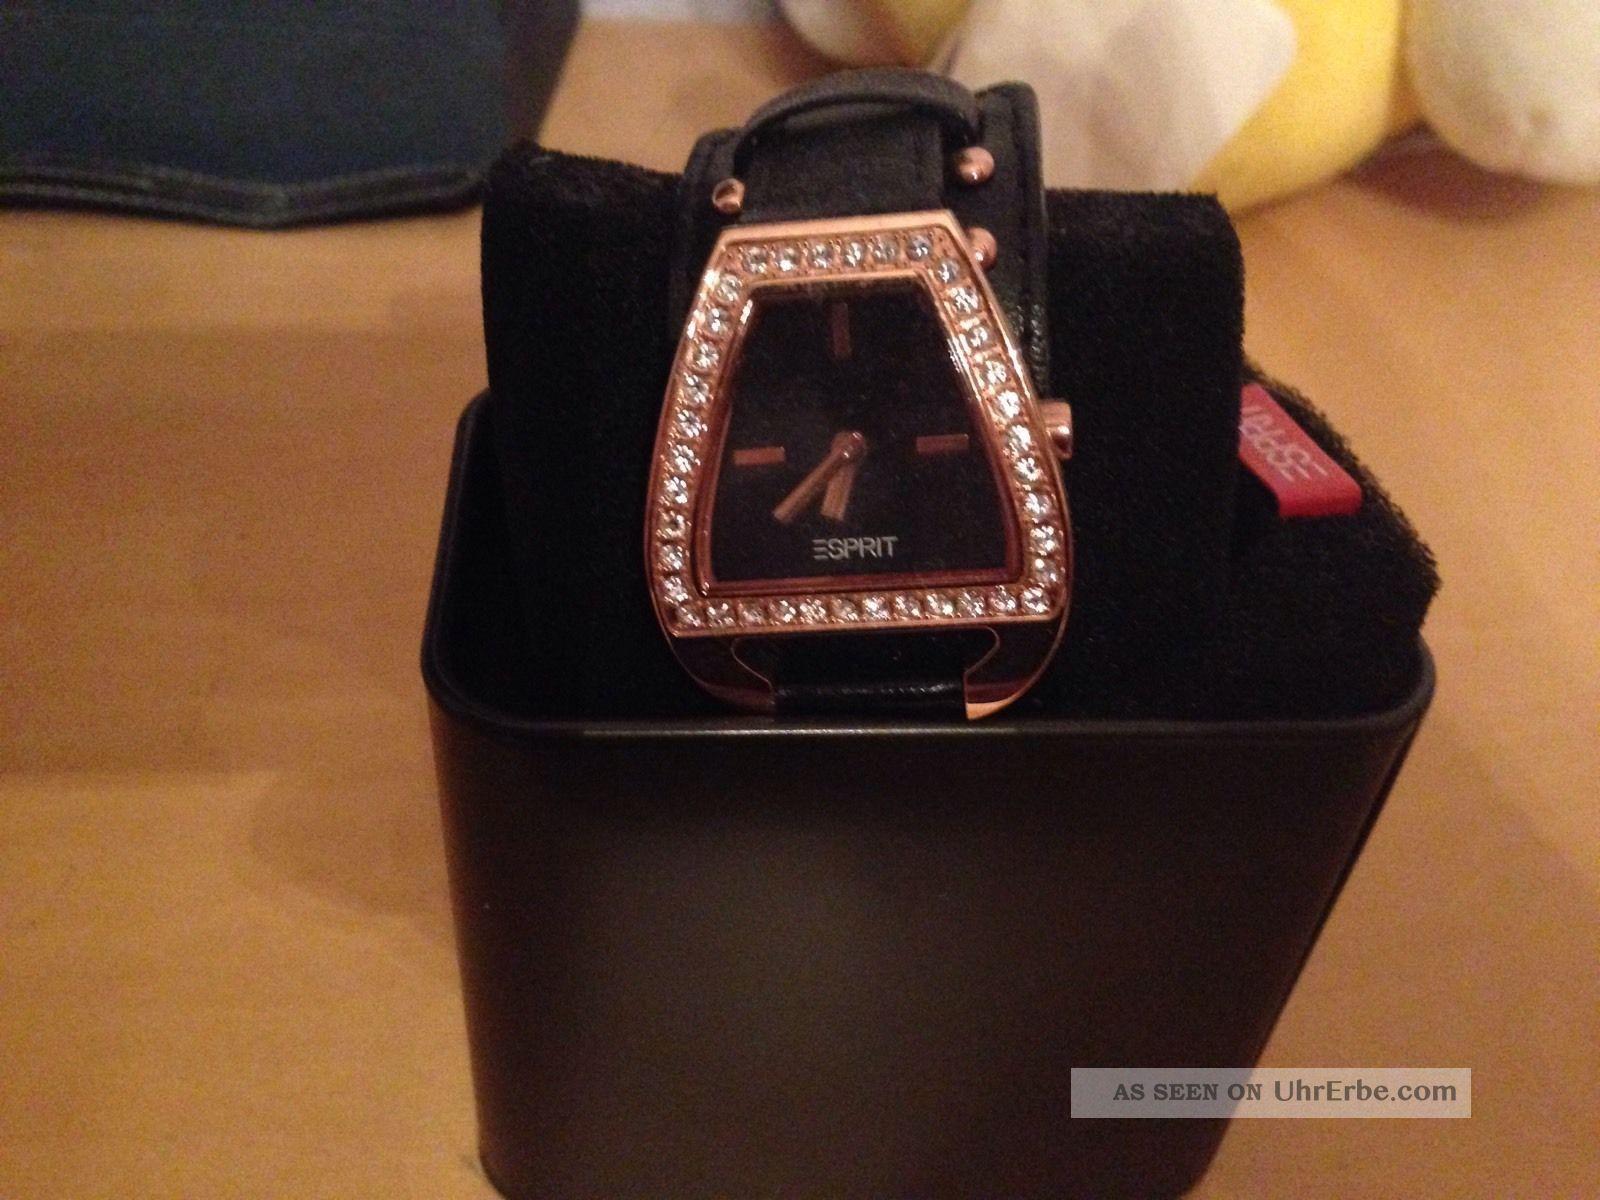 Esprit Damenarmbanduhr,  Strass,  Lederarmband Schwarz,  Neuwertig Armbanduhren Bild